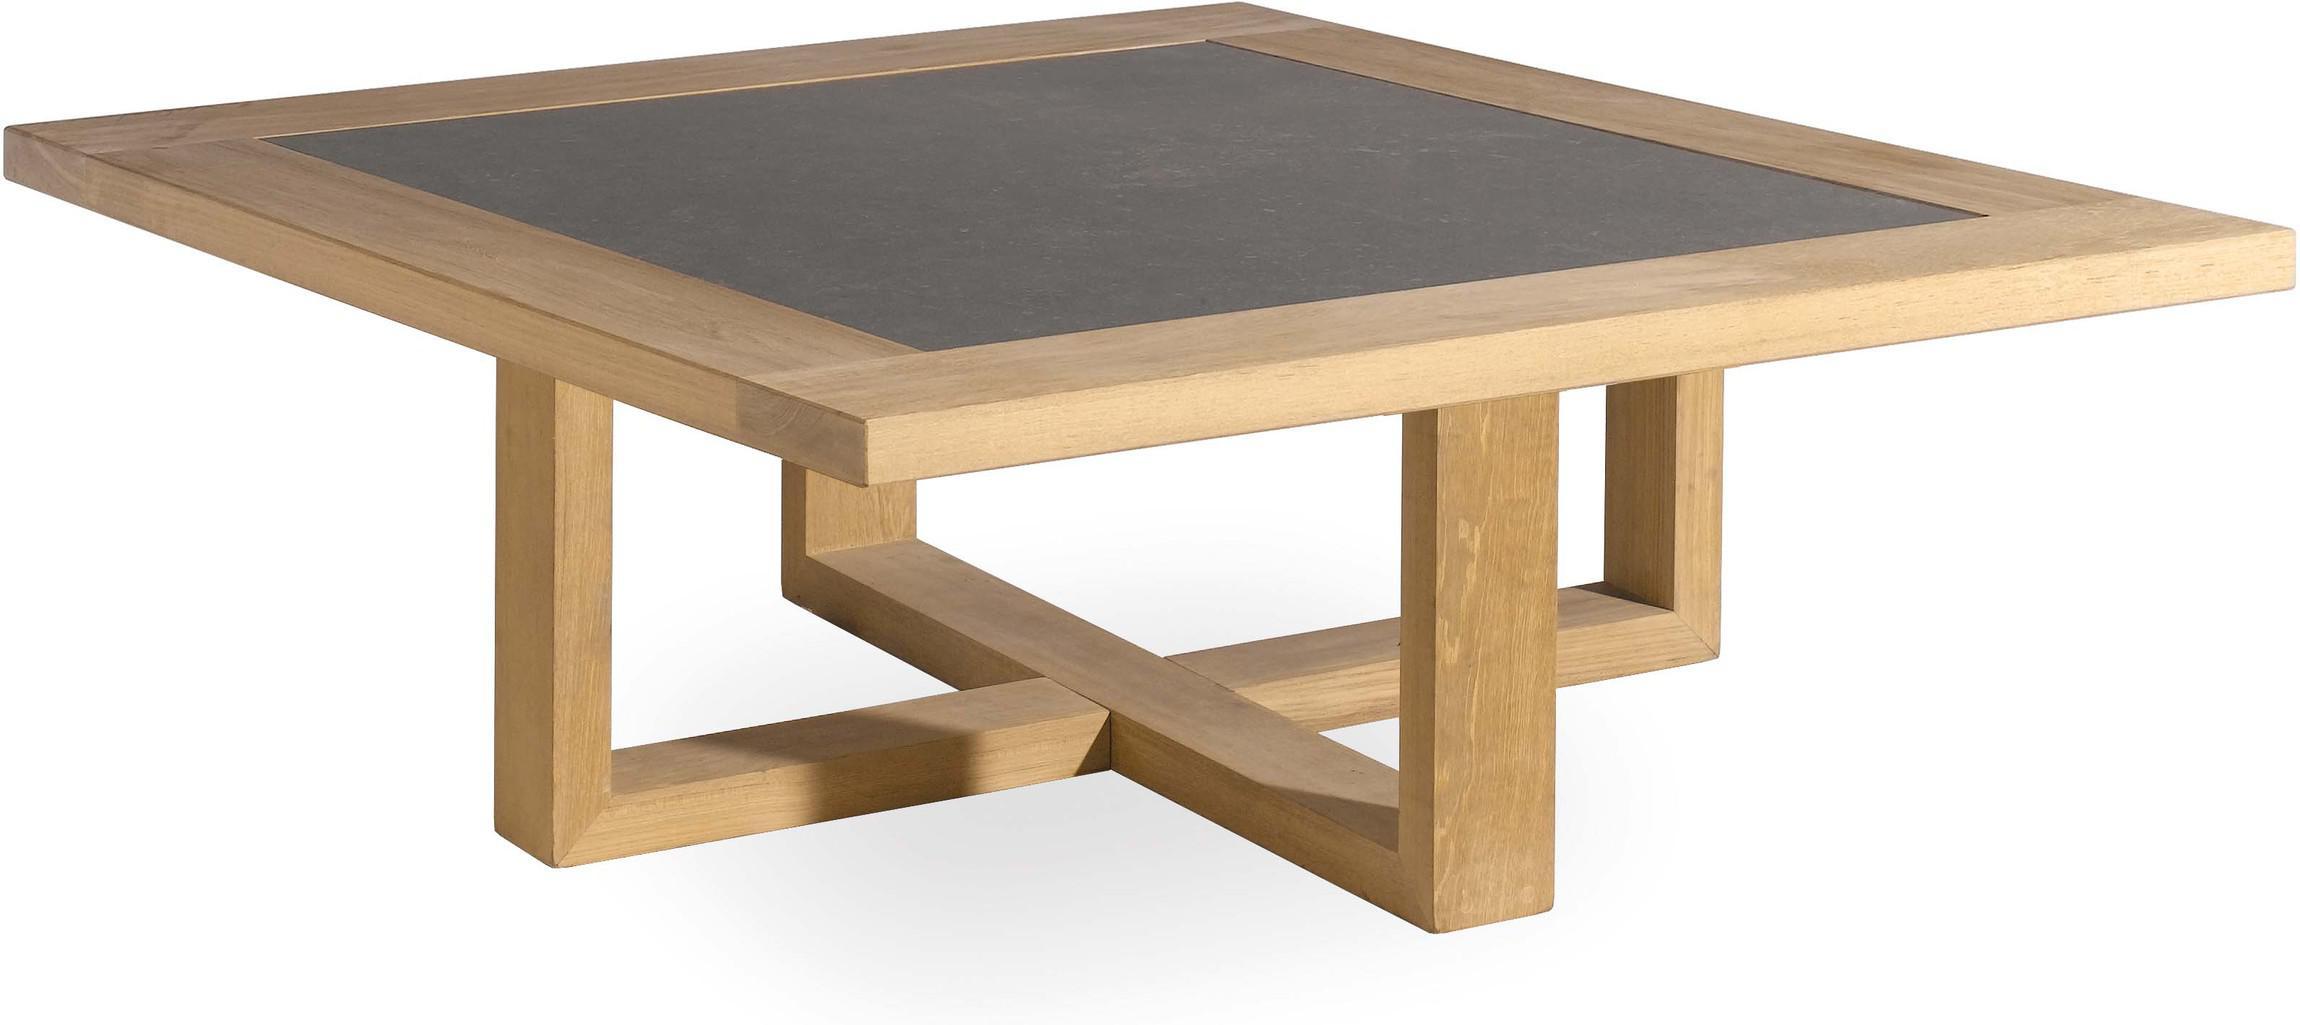 Siena Low table - Teak - 00BD 90